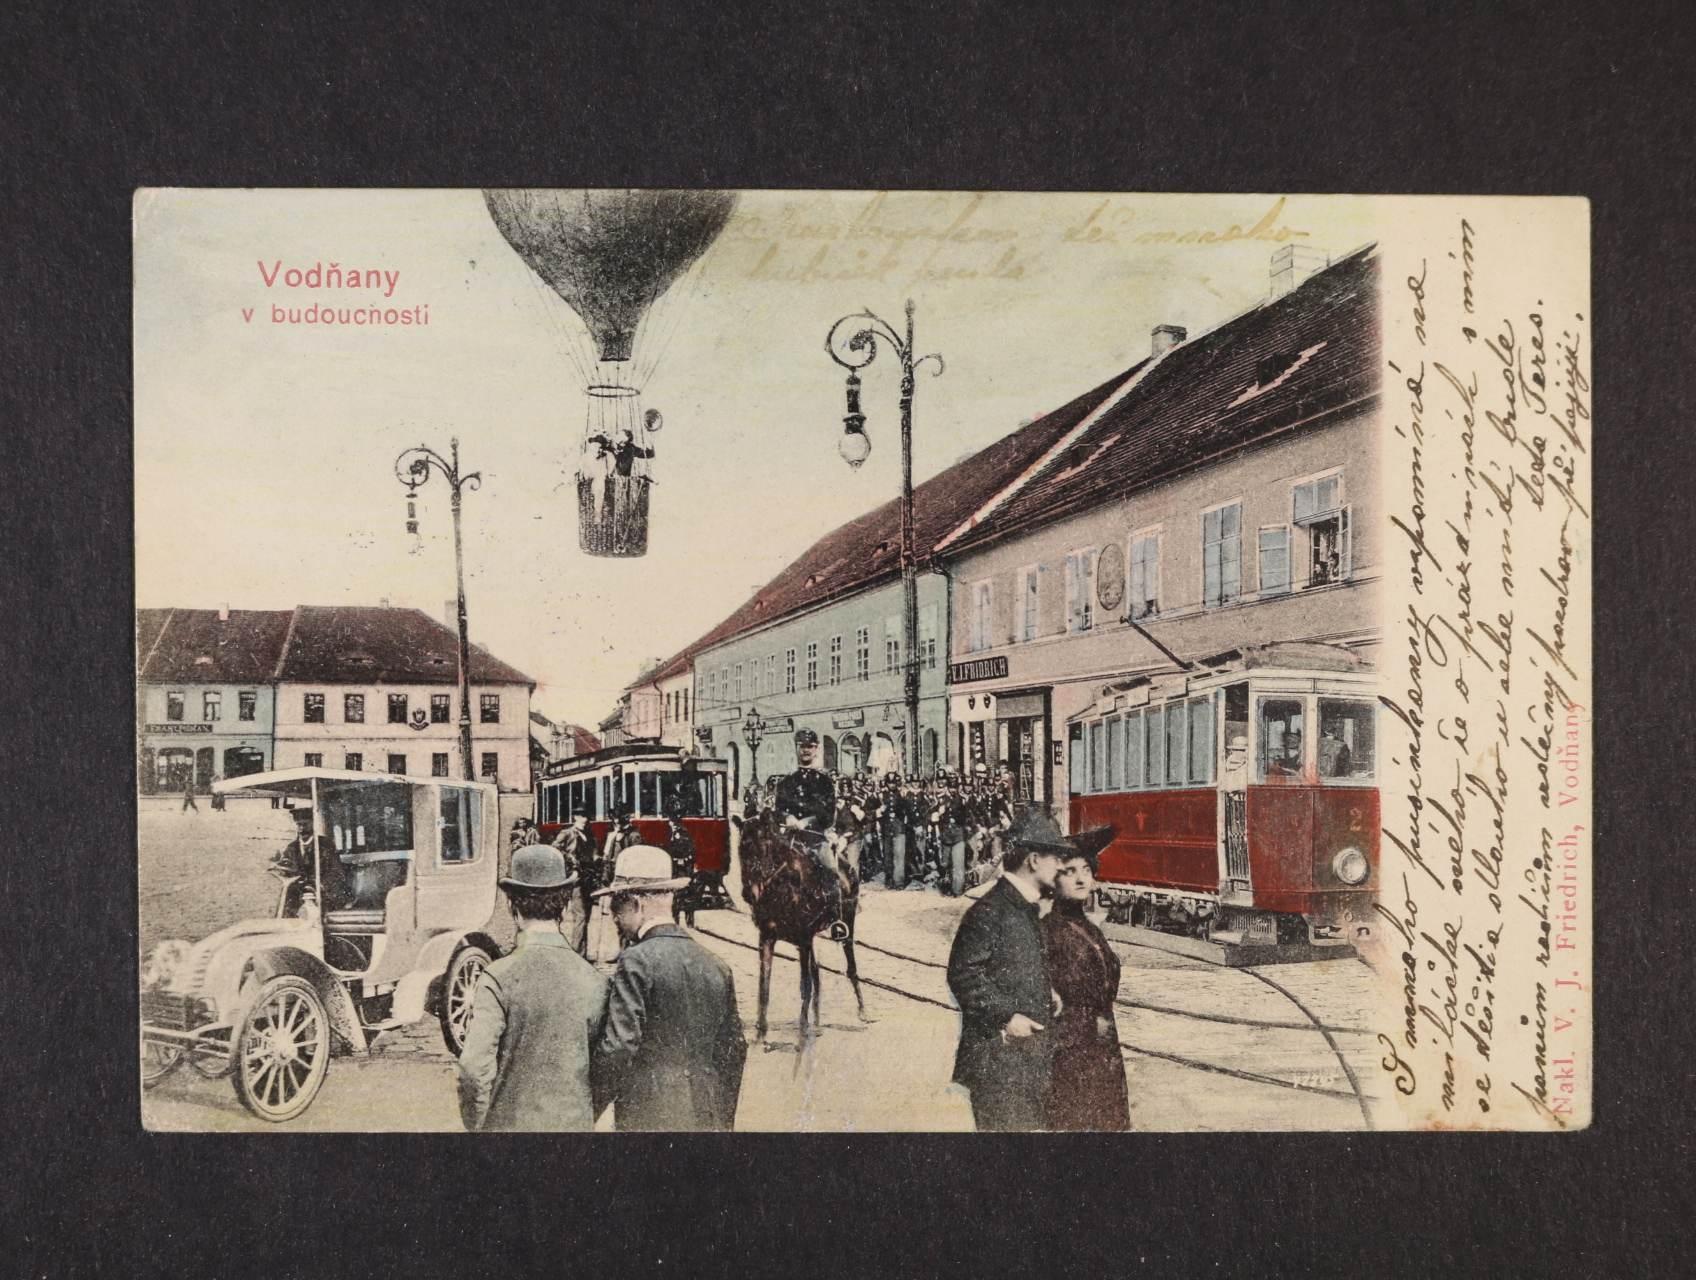 Vodňany - bar. litograf. koláž, dl. adresa, použitá 1904